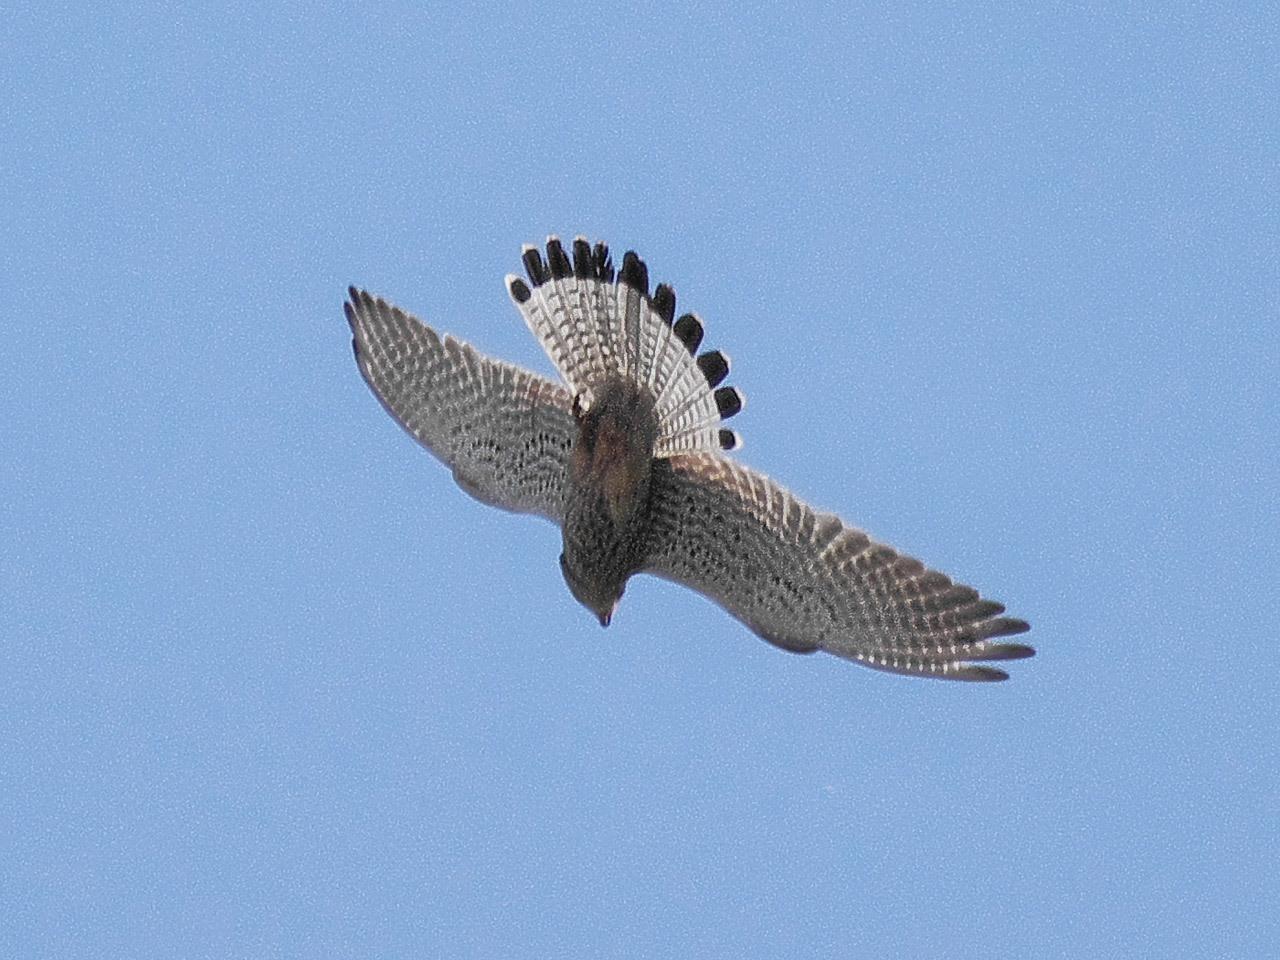 Обыкновенная пустельга (Falco tinnunculus). Автор фото: Юрий Семенов